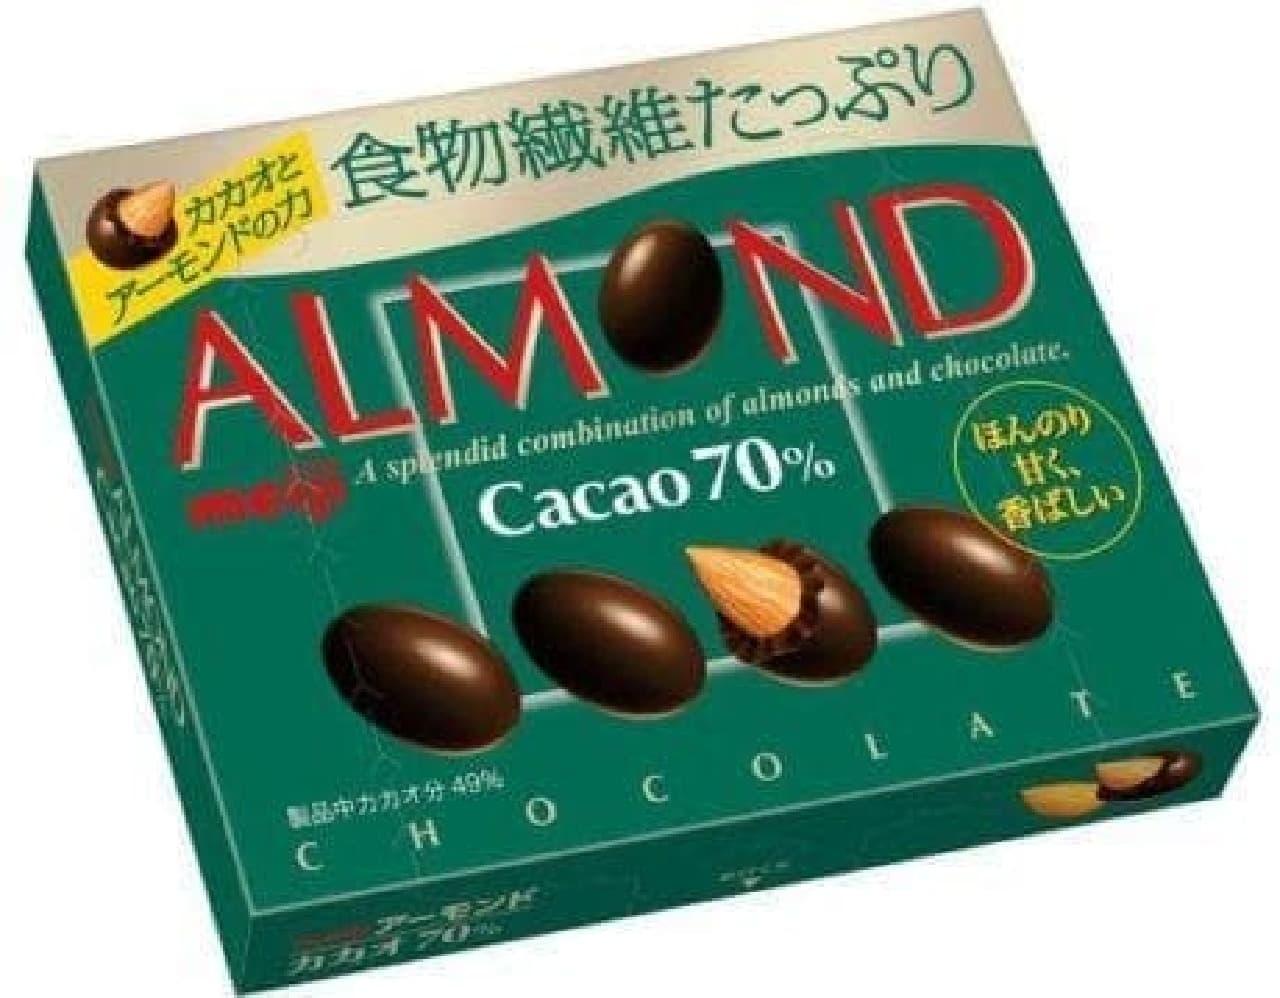 明治「アーモンドチョコレートカカオ70%」